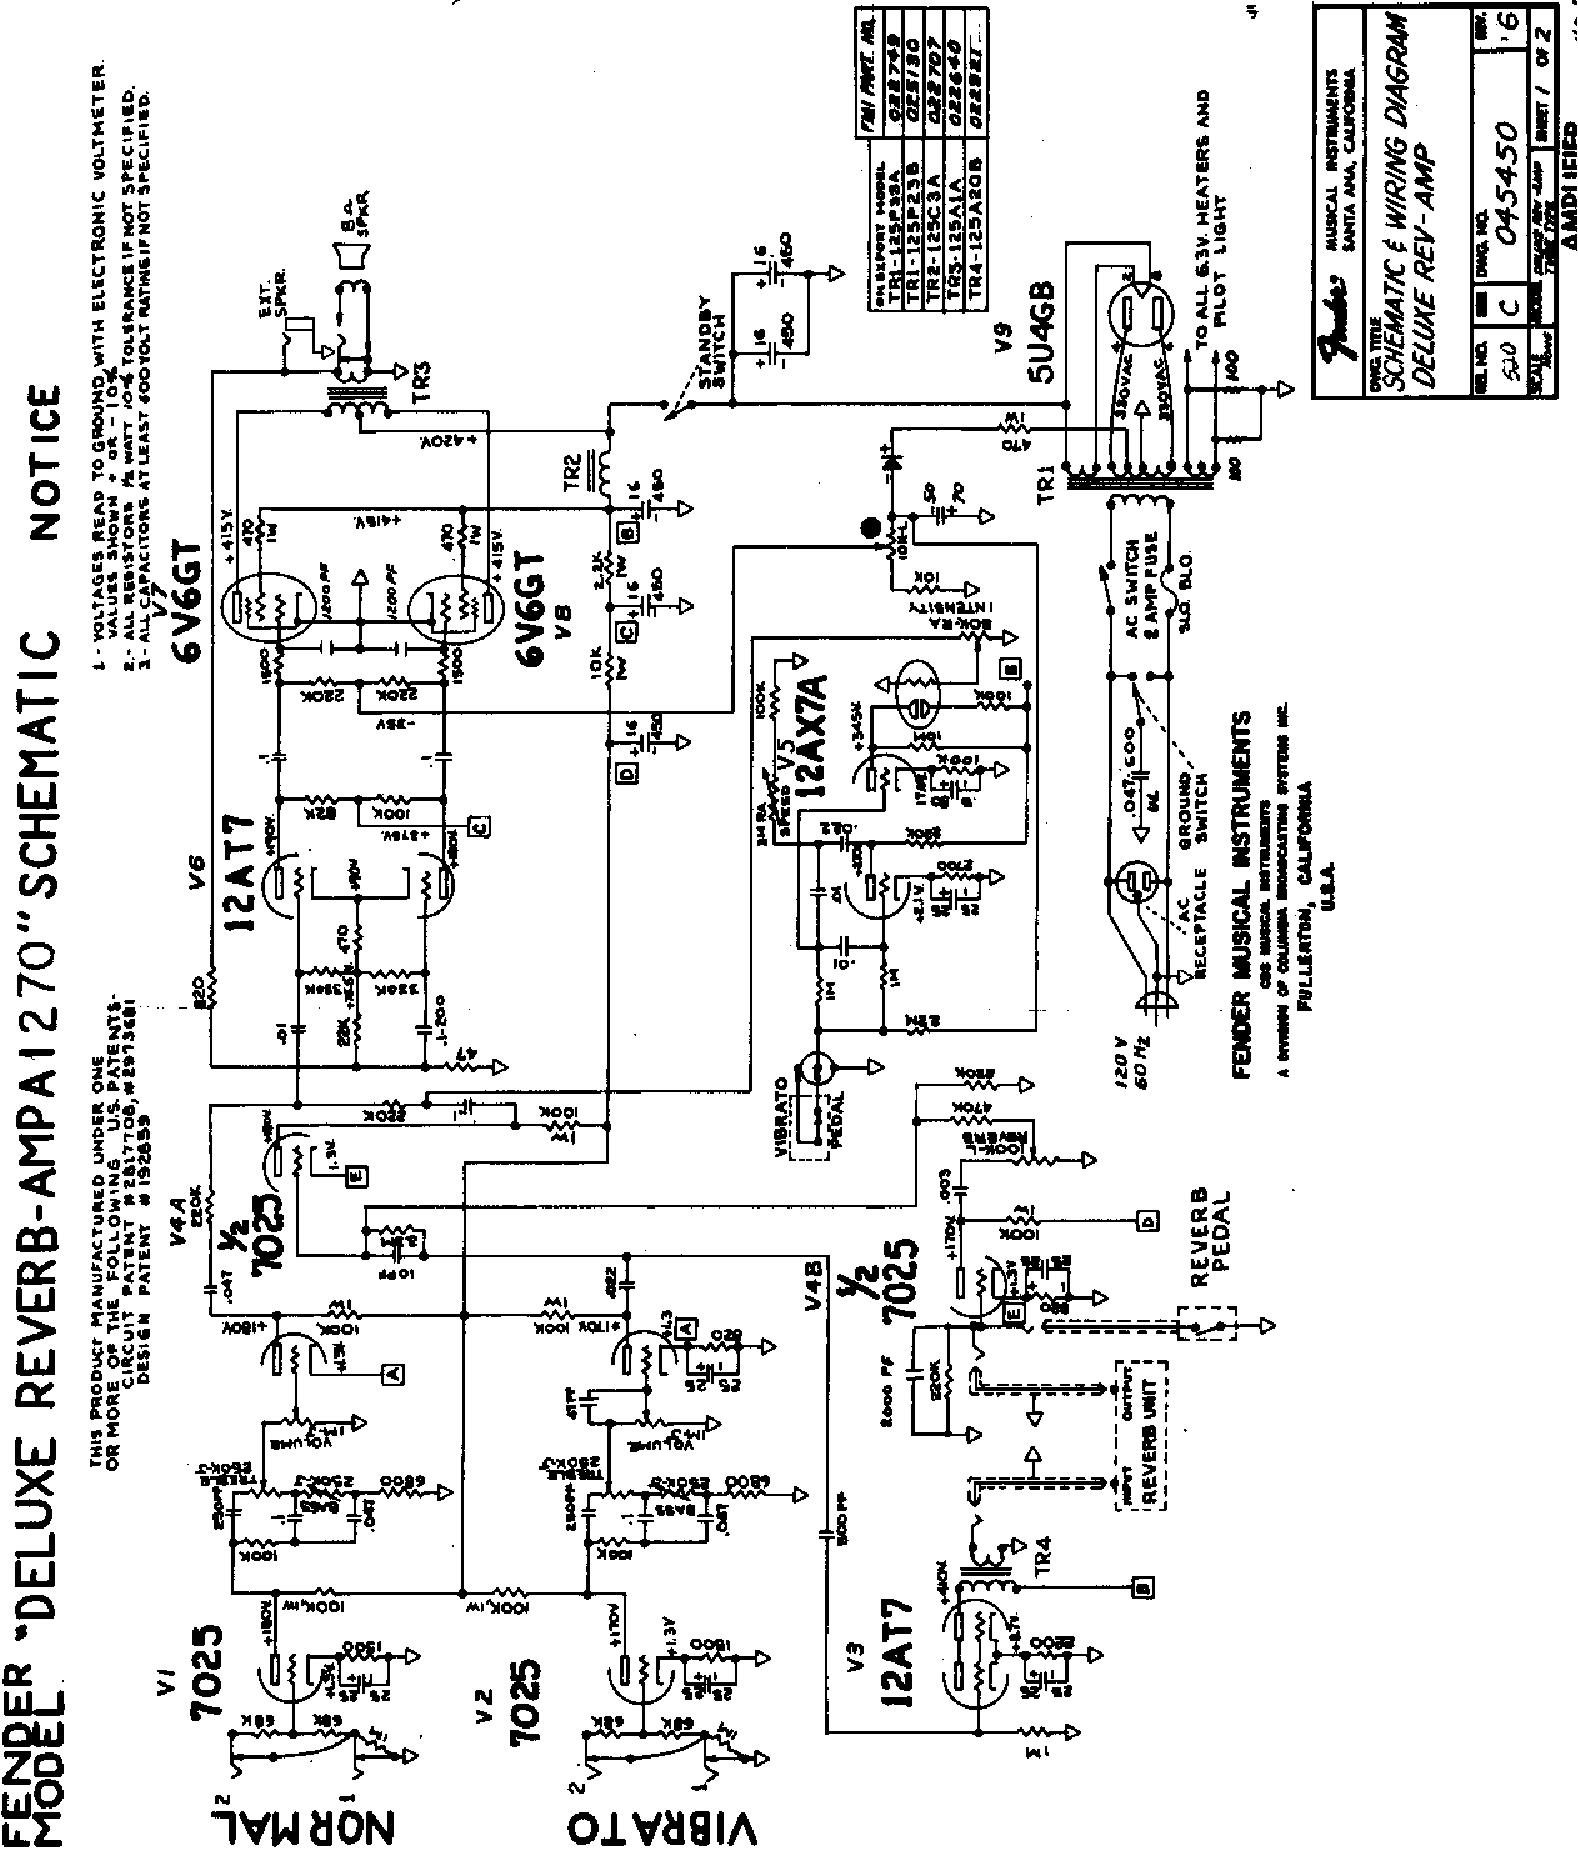 deluxe reverb reissue schematic